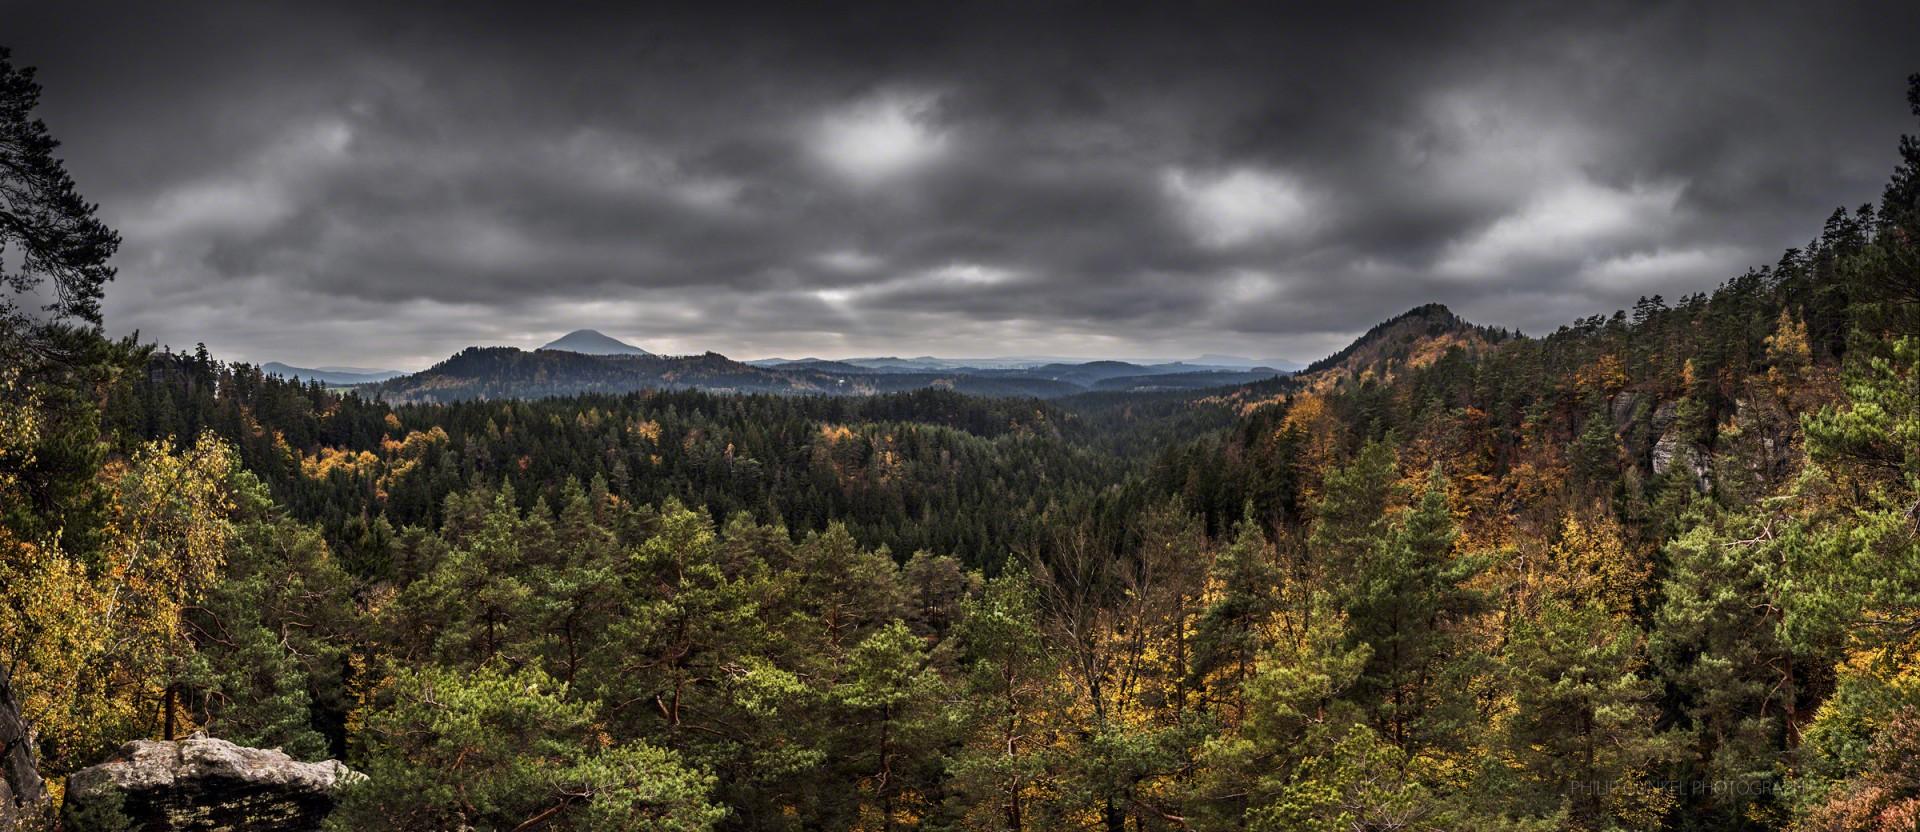 panorama_philip_gunkel_photographie_www.philipgunkel.de-1